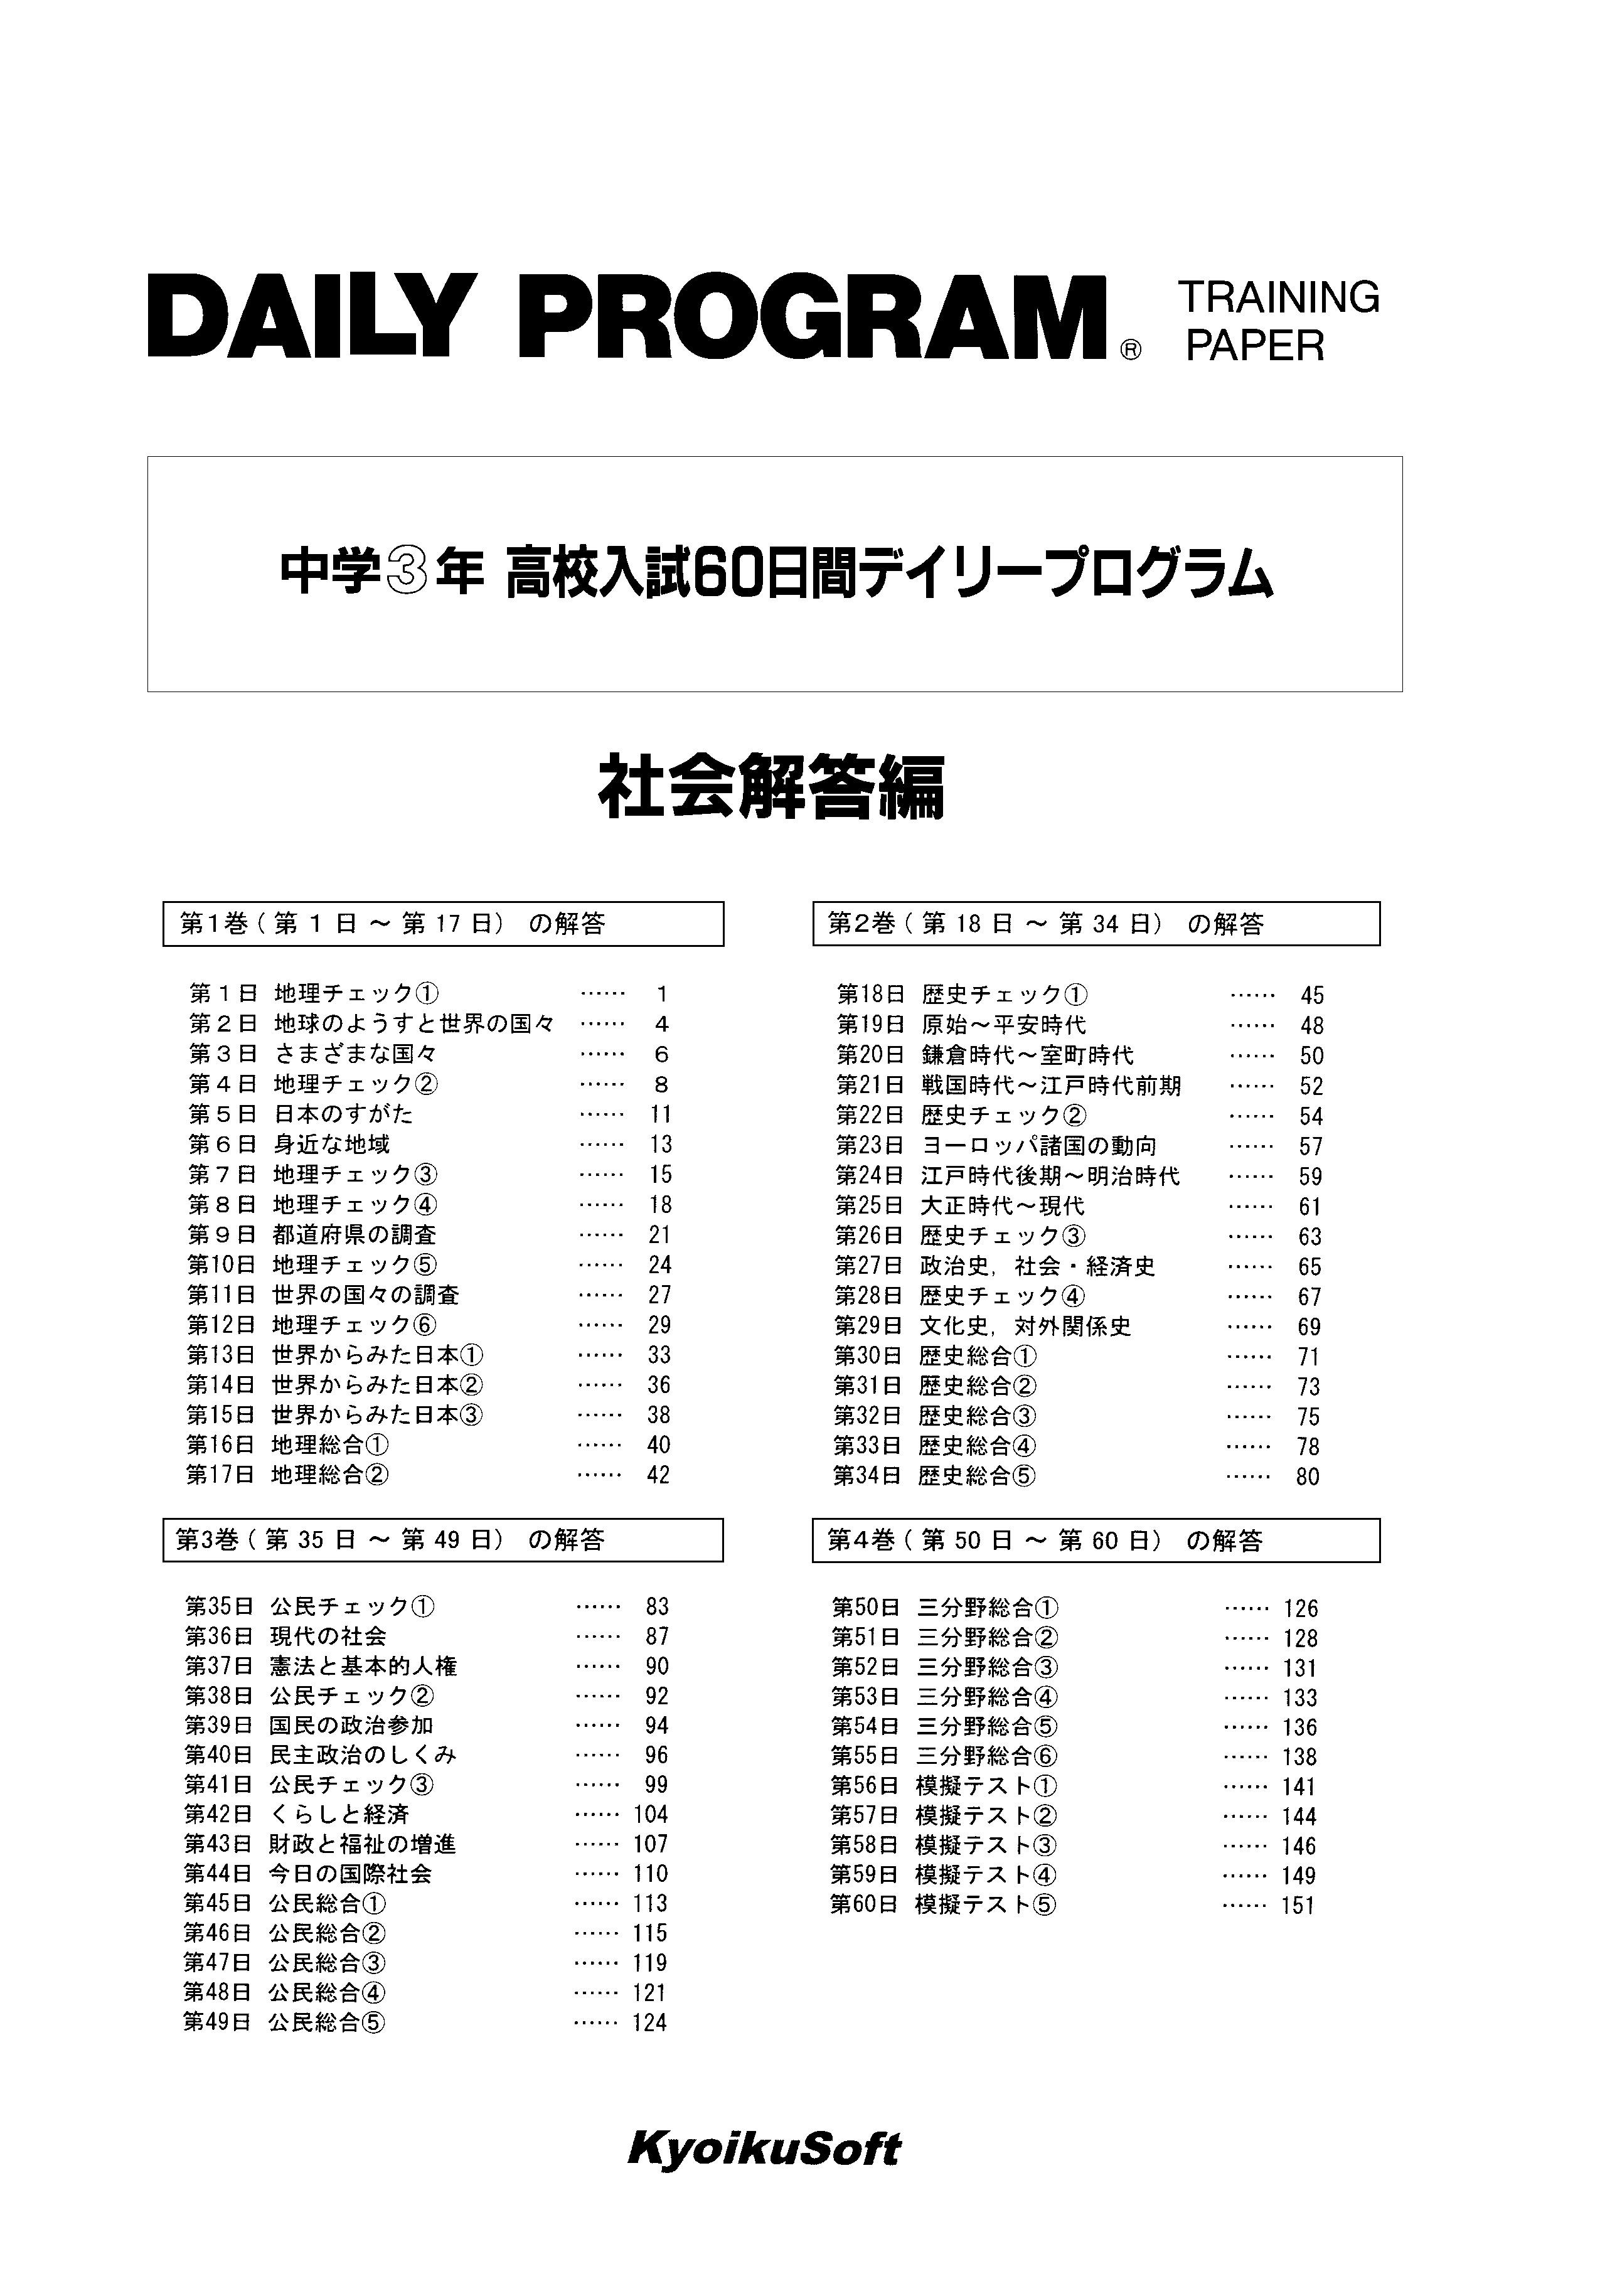 ITEM-DP-0004